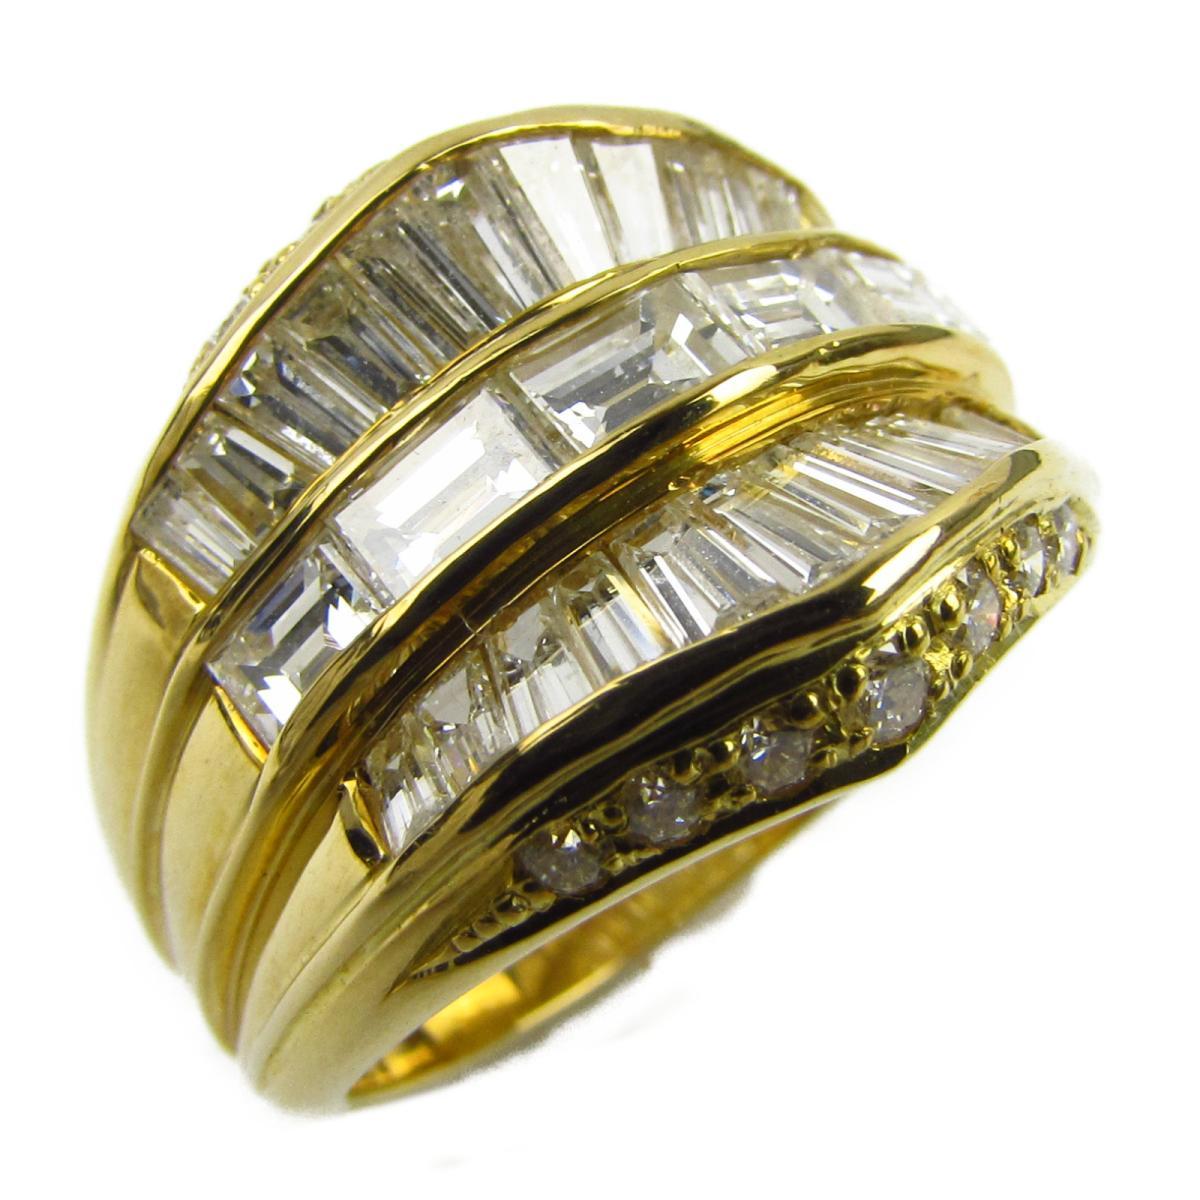 ジュエリー ダイヤモンド リング 指輪 ノーブランドジュエリー レディース K18YG (750) イエローゴールド x ダイヤモンド2.15ct 【中古】 | JEWELRY BRANDOFF ブランドオフ アクセサリー